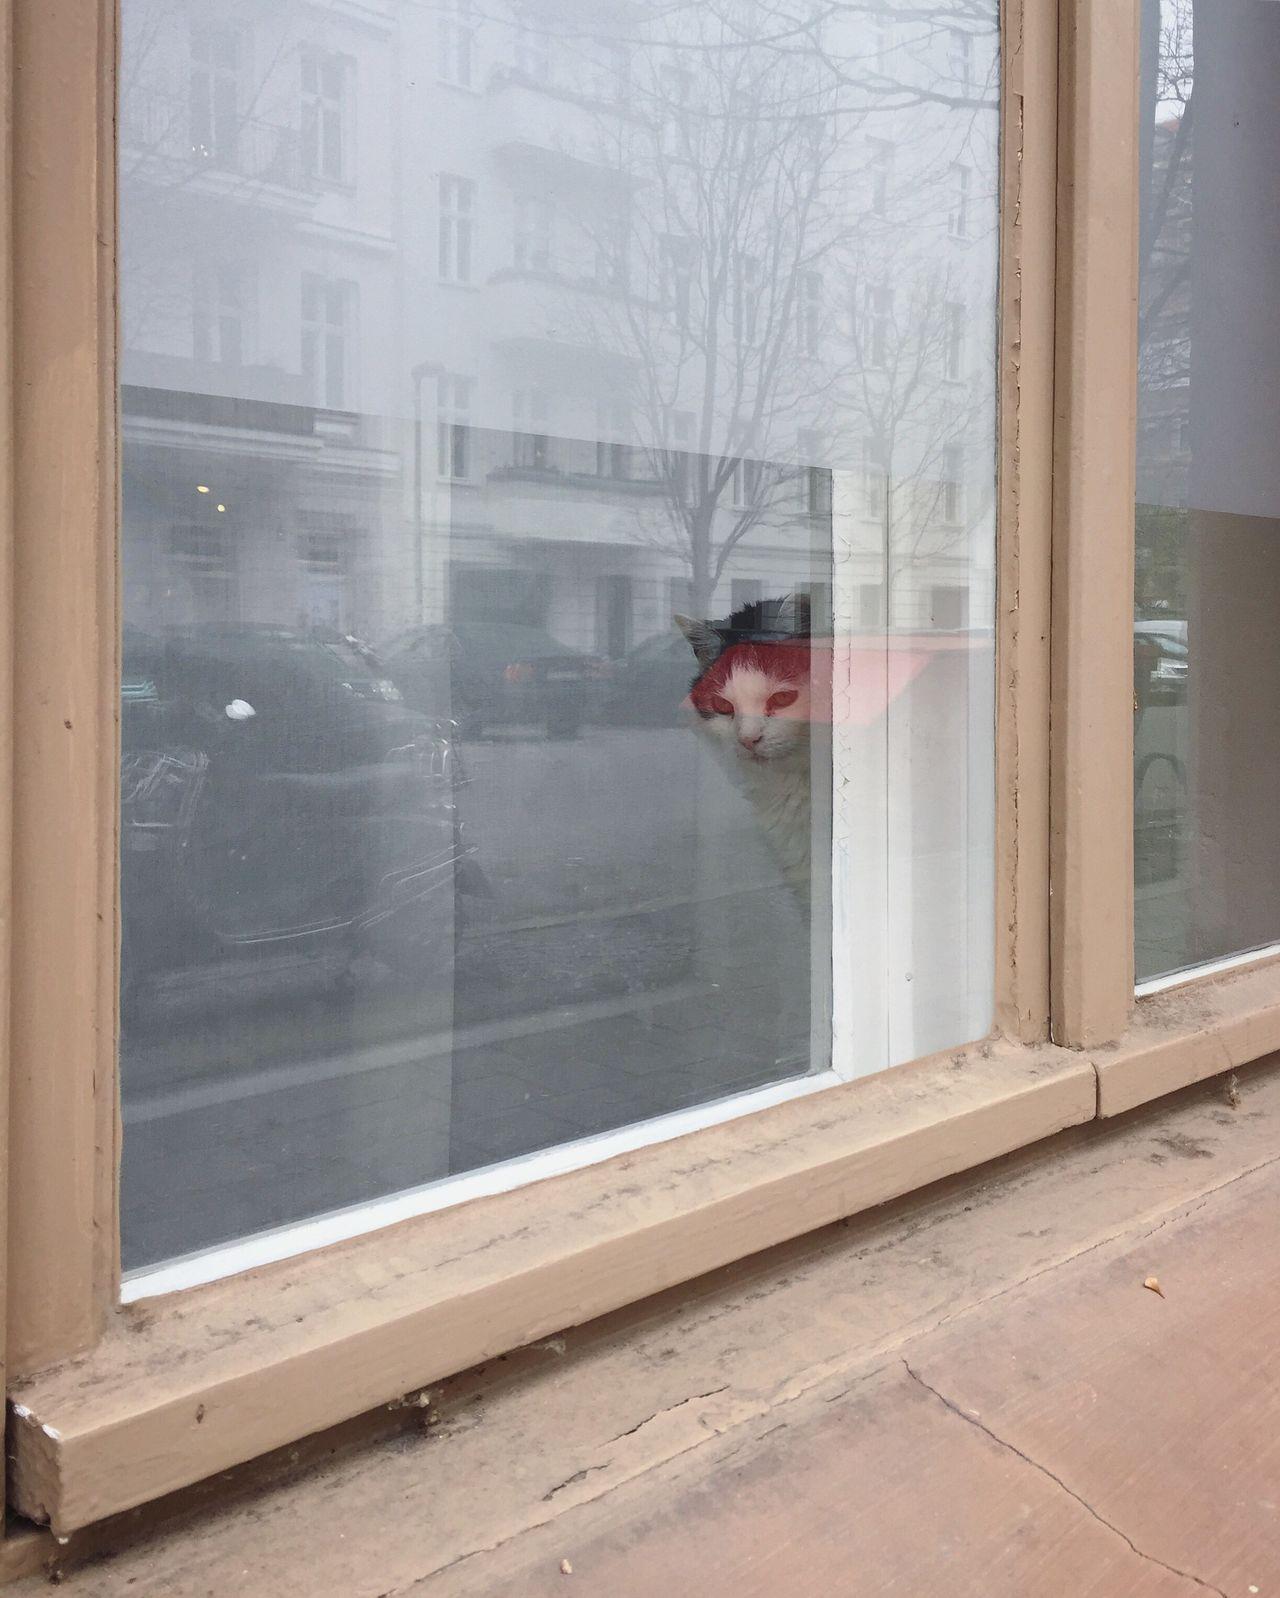 Berlin cats Window Building Exterior Rain Day Built Structure Real People Architecture Rainy Season Indoors  Sliding Door Cat Berlin Prenzlauerberg Sleepy Cute